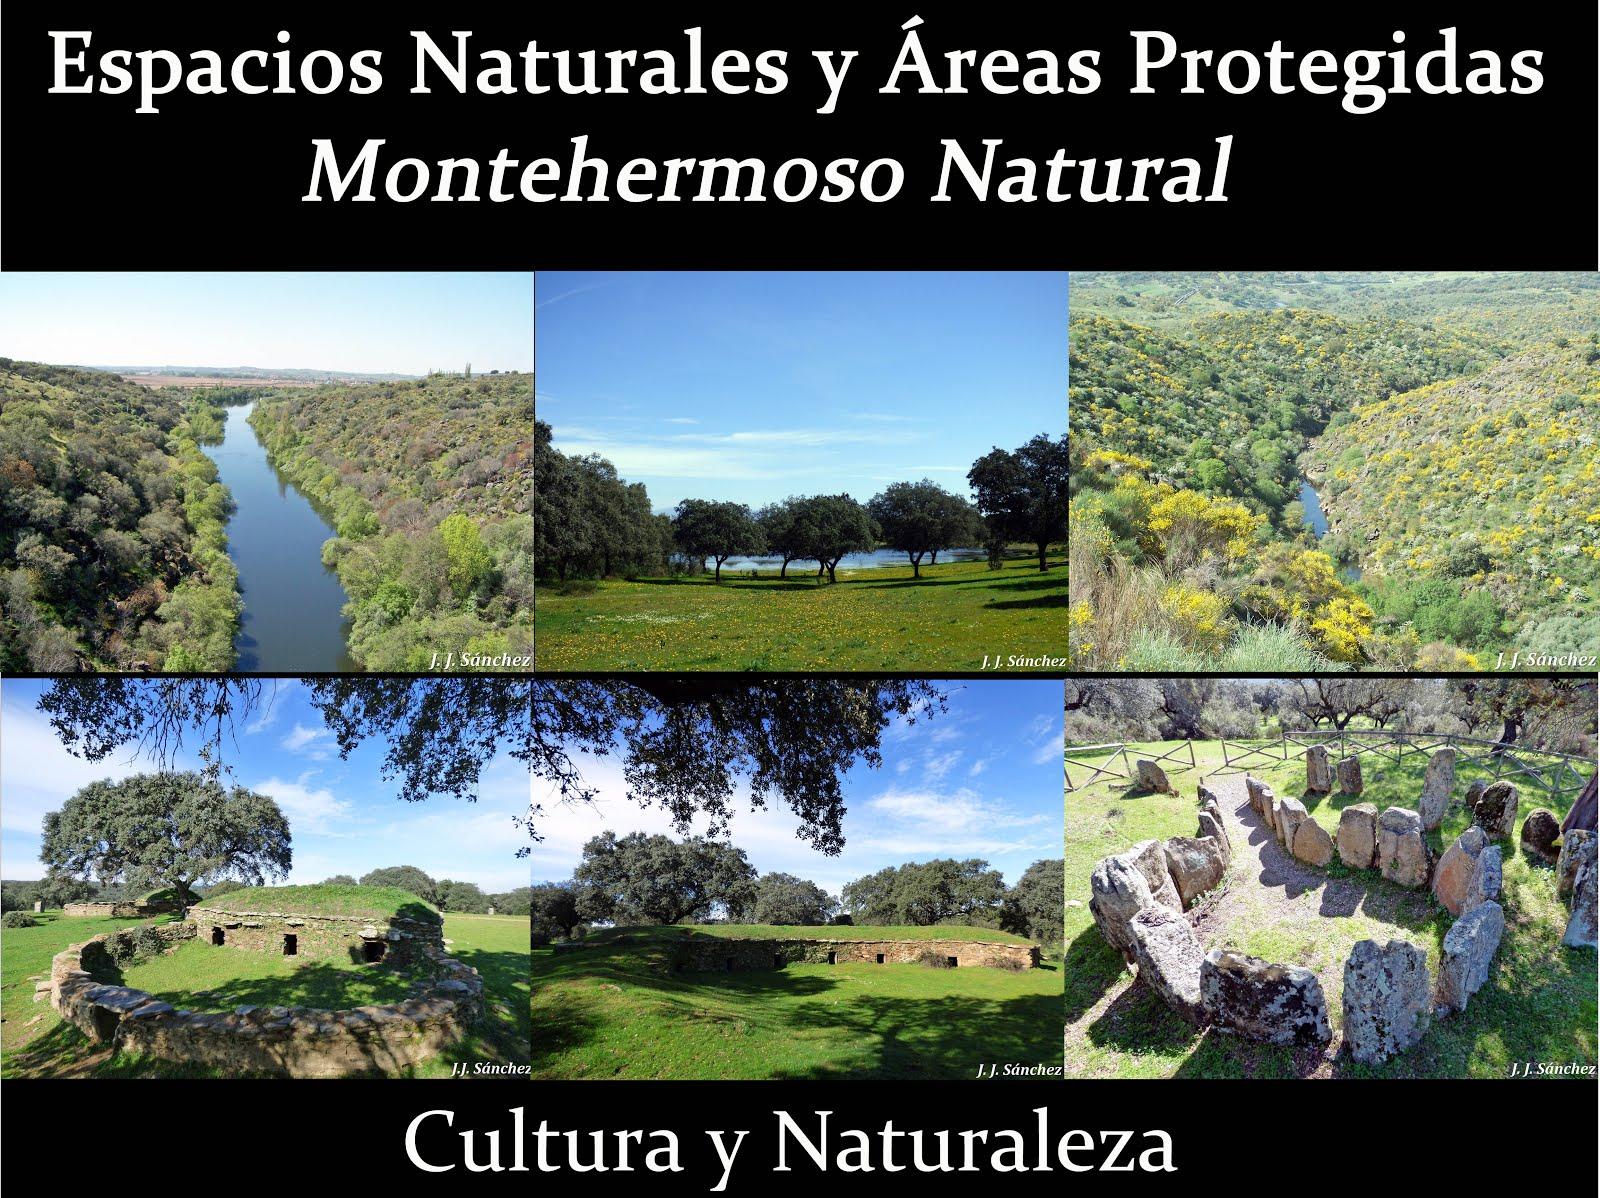 Espacios Naturales y Áreas Protegidas en Montehermoso